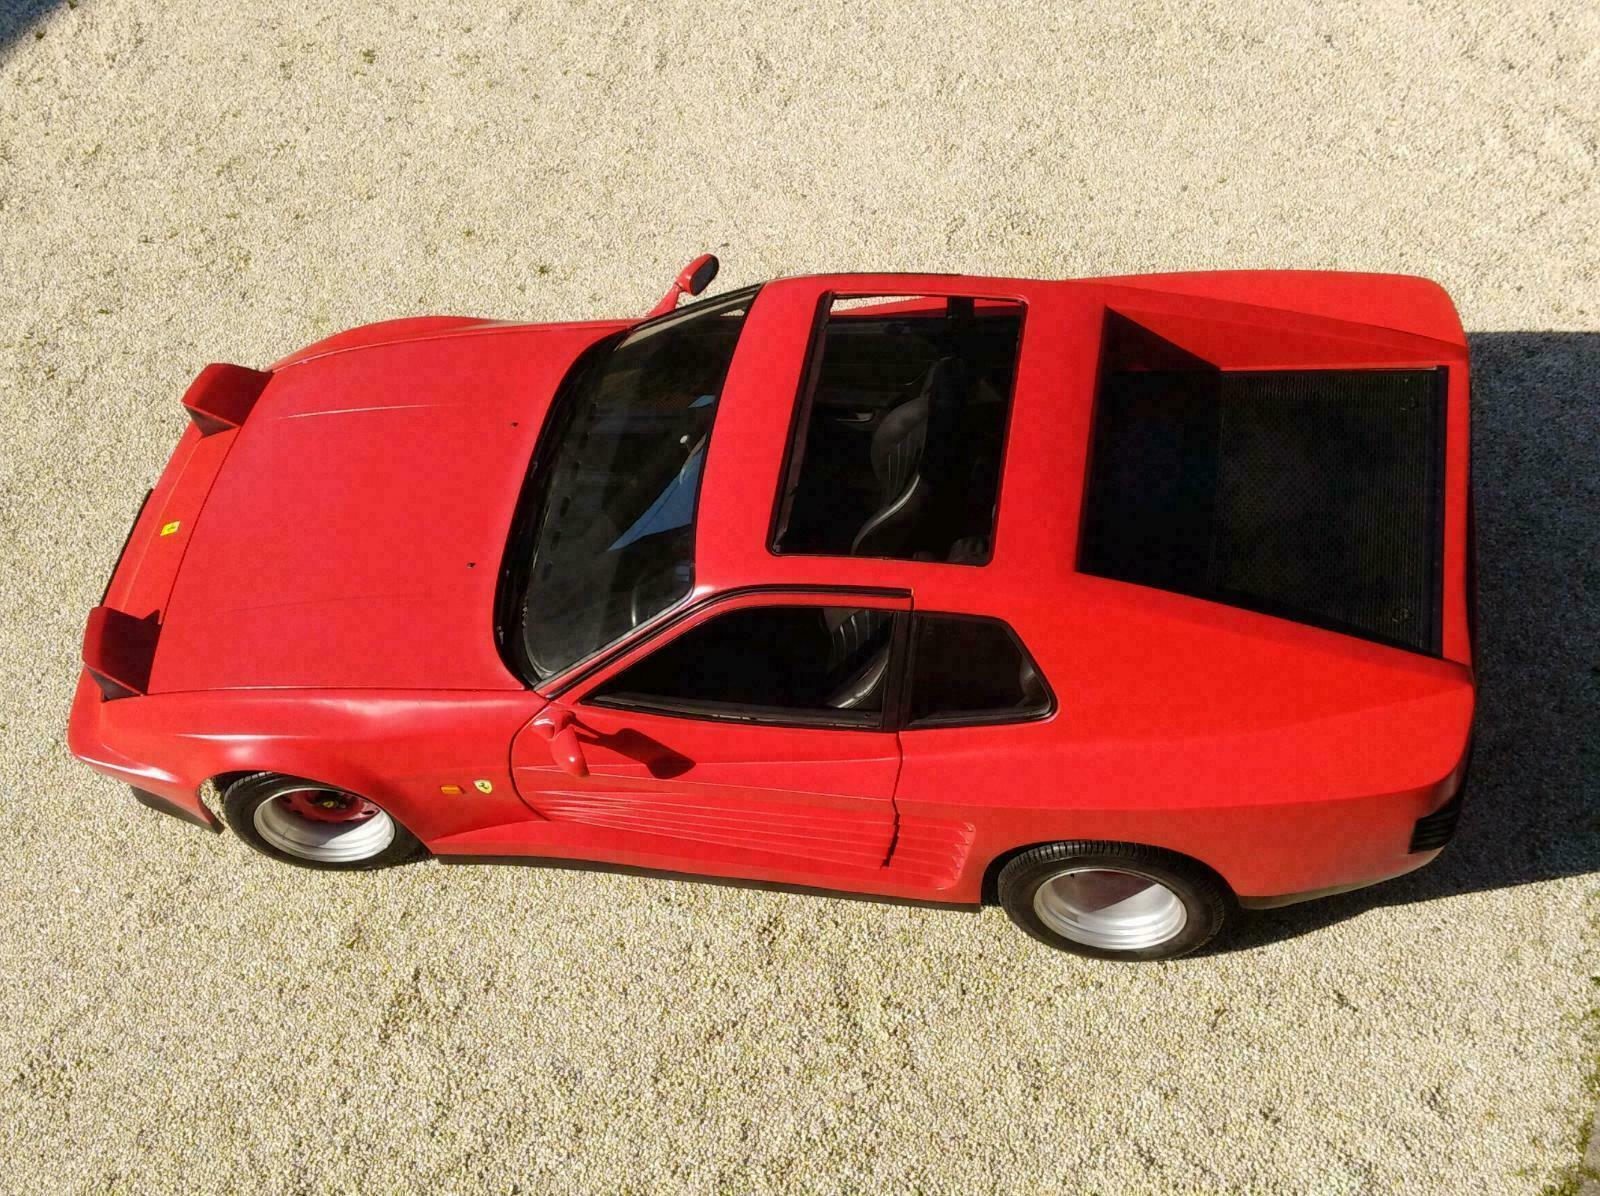 Porsche-924-Ferrari-Testarossa-Replica-2